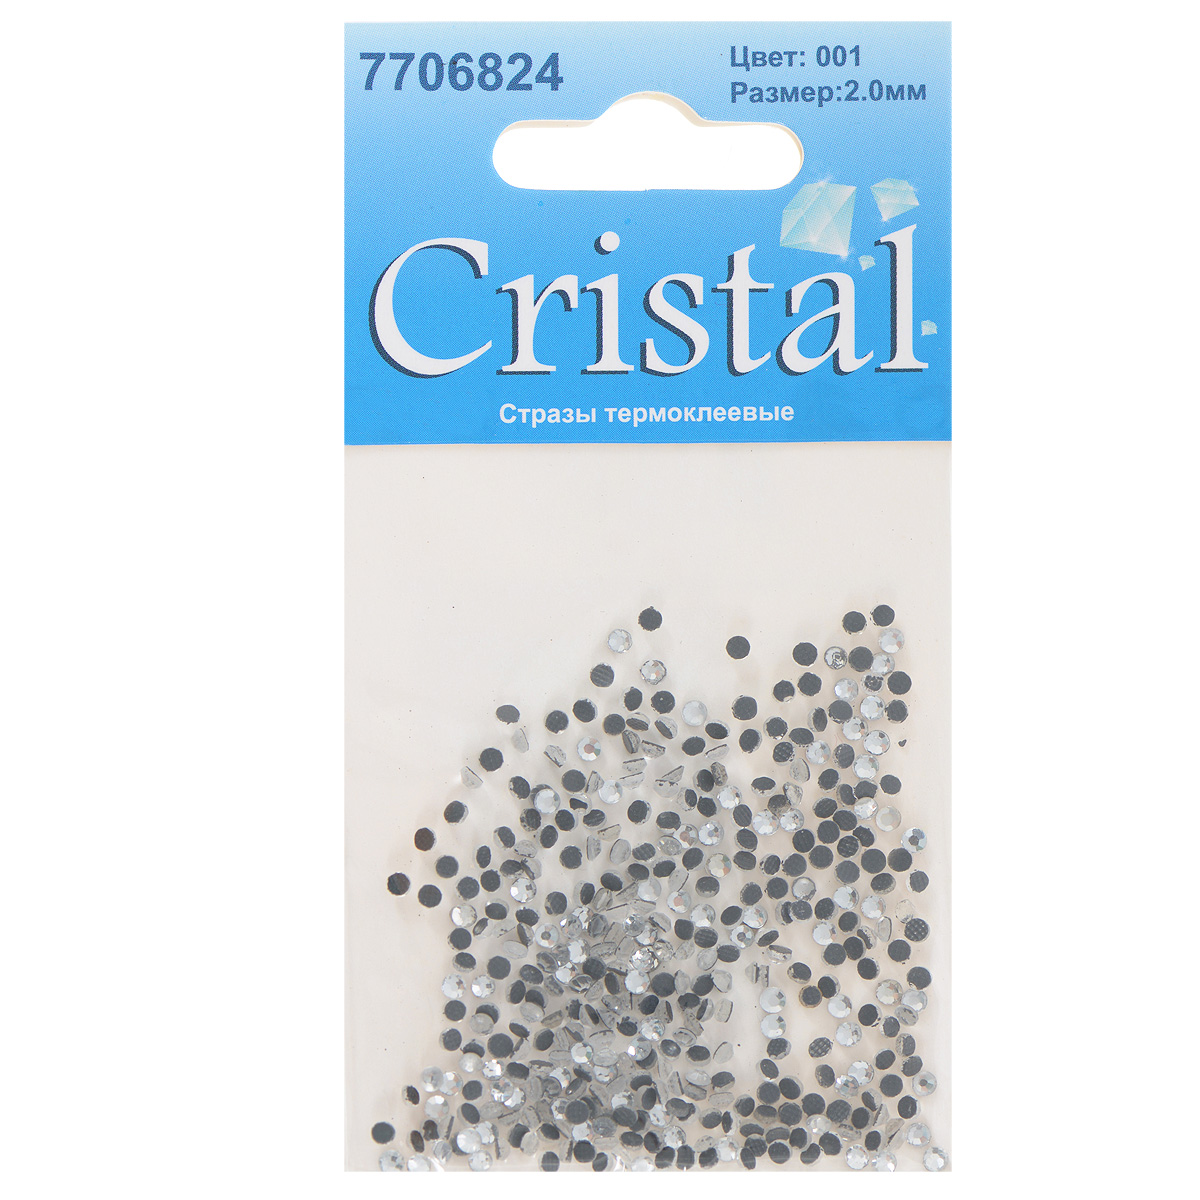 Стразы термоклеевые Cristal, цвет: белый (001), диаметр 2 мм, 432 шт7706824_001Набор термоклеевых страз Cristal, изготовленный из высококачественного акрила, позволит вам украсить одежду, аксессуары или текстиль. Яркие стразы имеют плоское дно и круглую поверхность с гранями.Дно термоклеевых страз уже обработано особым клеем, который под воздействием высоких температур начинает плавиться, приклеиваясь, таким образом, к требуемой поверхности. Чаще всего их используют в текстильной промышленности: стразы прикладывают к ткани и проглаживают утюгом с обратной стороны. Также можно использовать специальный паяльник. Украшение стразами поможет сделать любую вещь оригинальной и неповторимой. Диаметр страз: 2 мм.